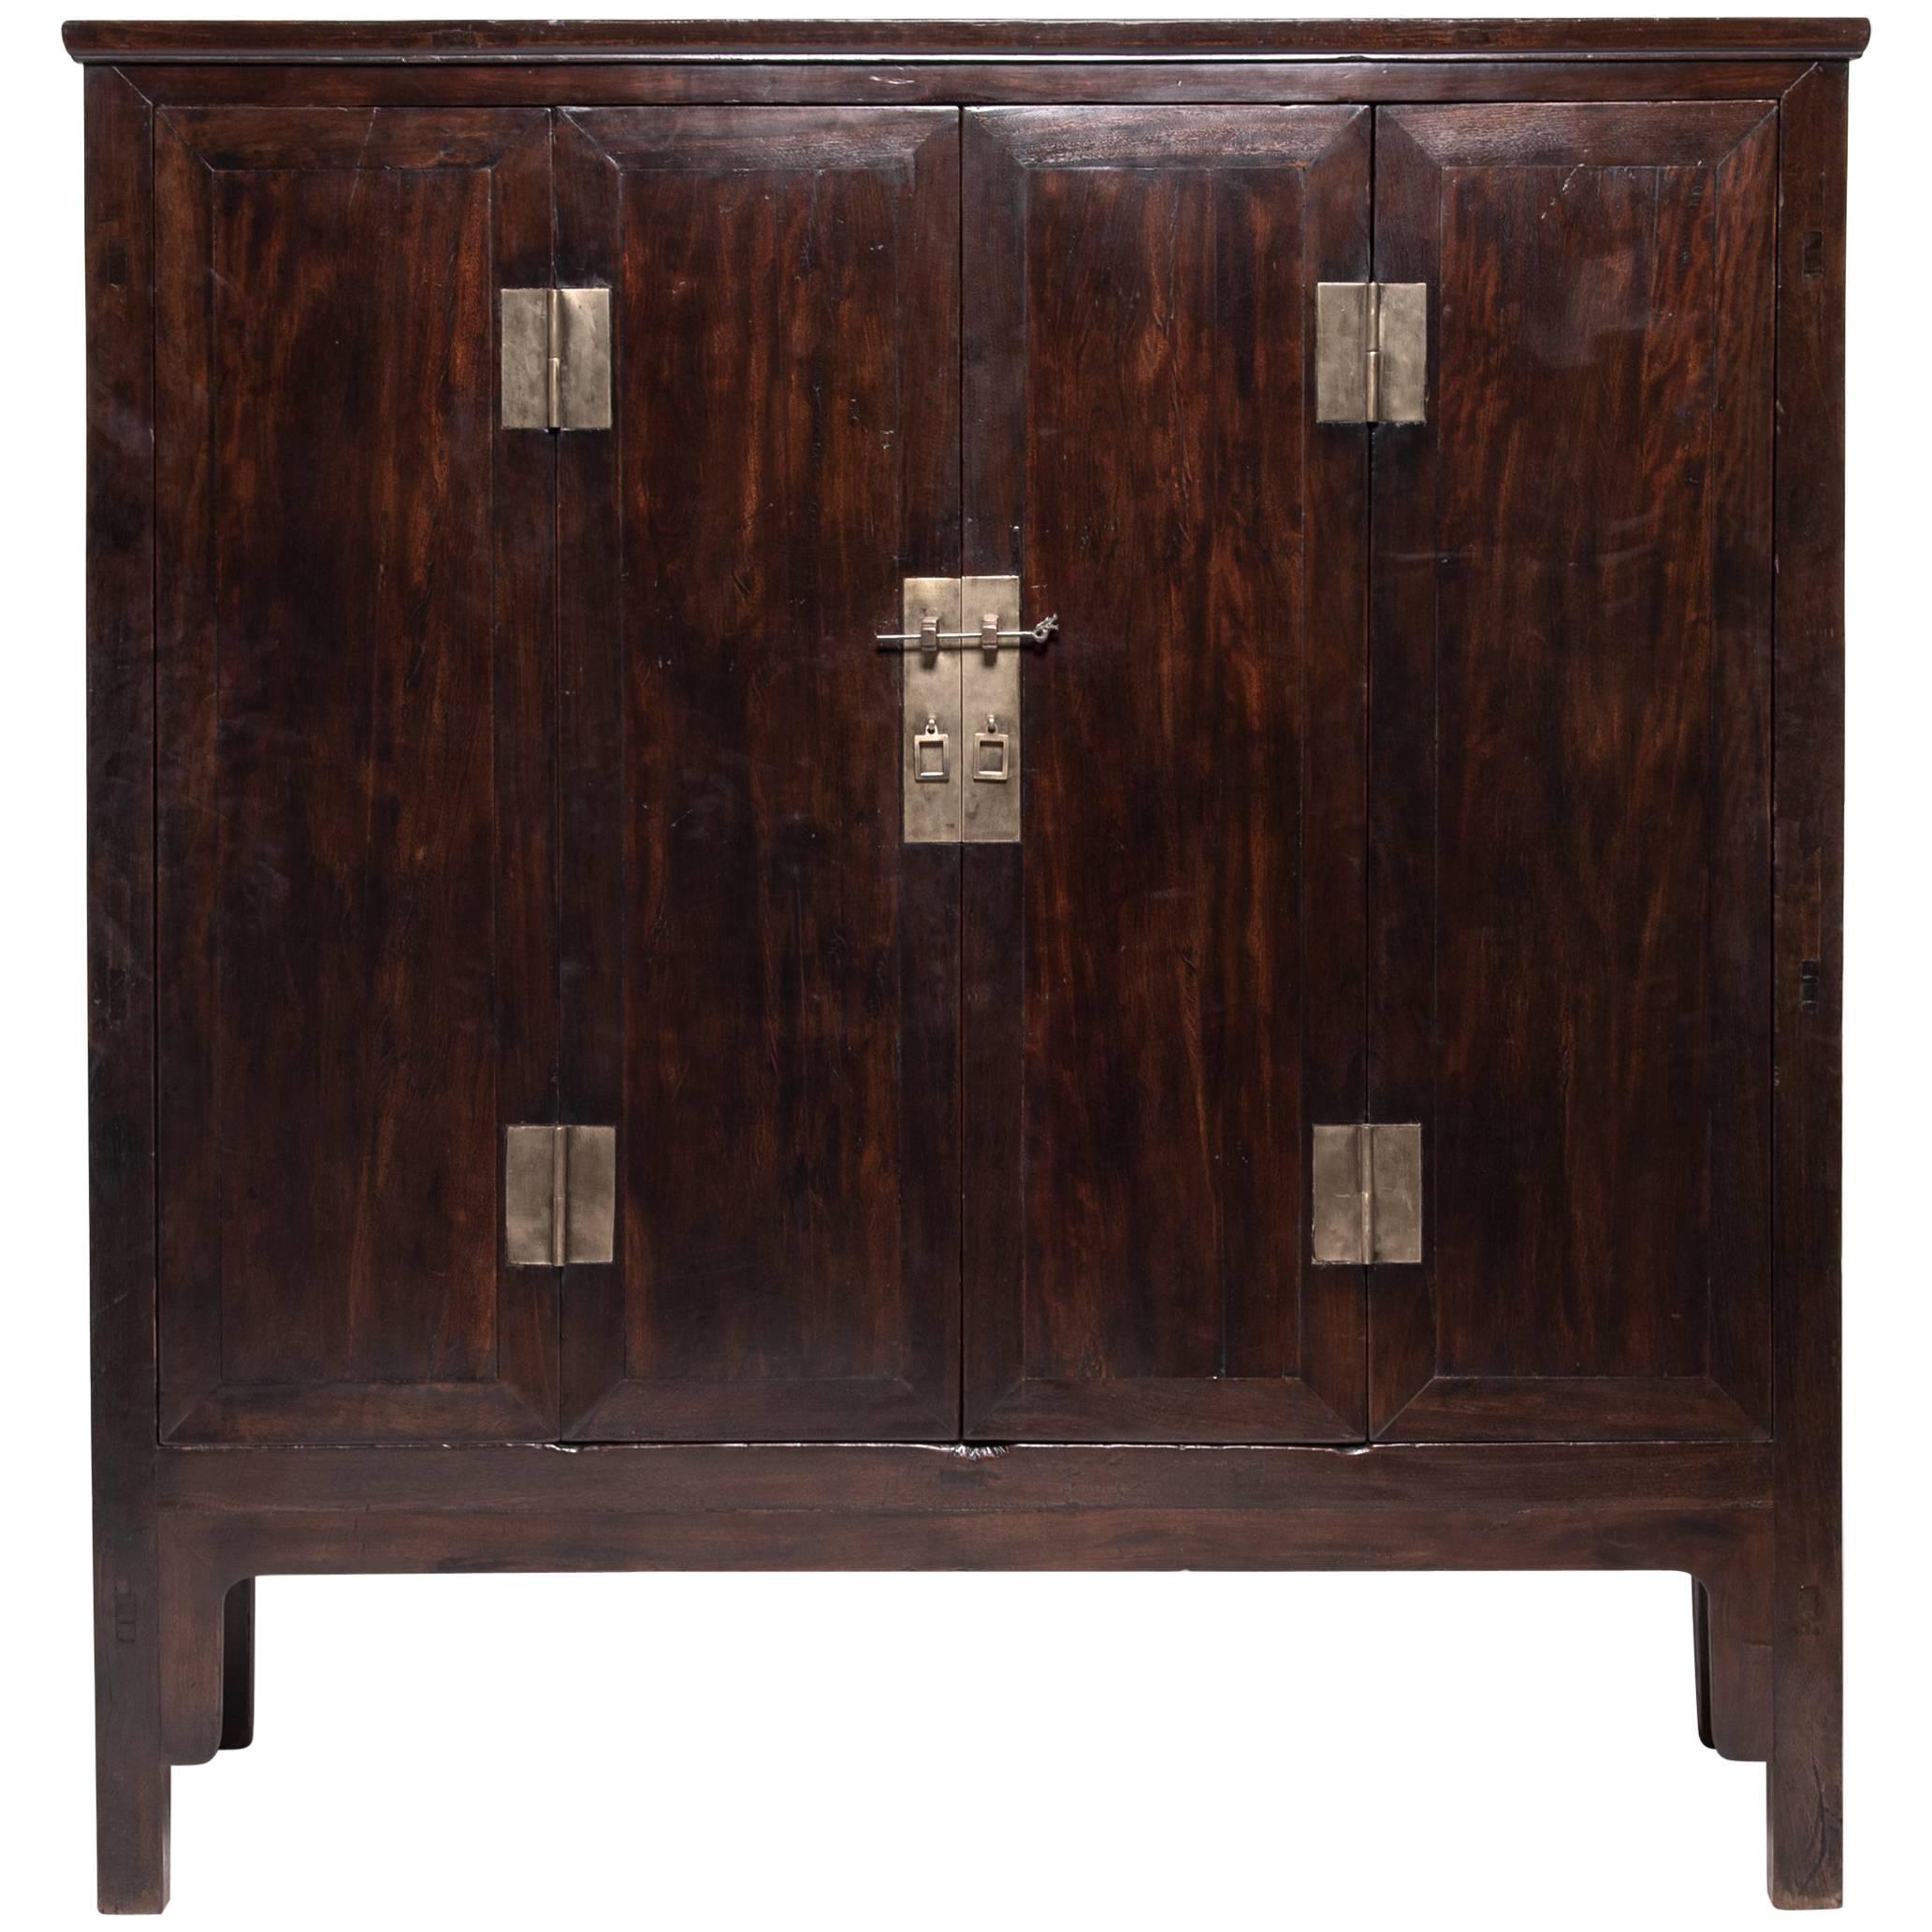 Chinese Fine Ironwood Cabinet, c. 1850